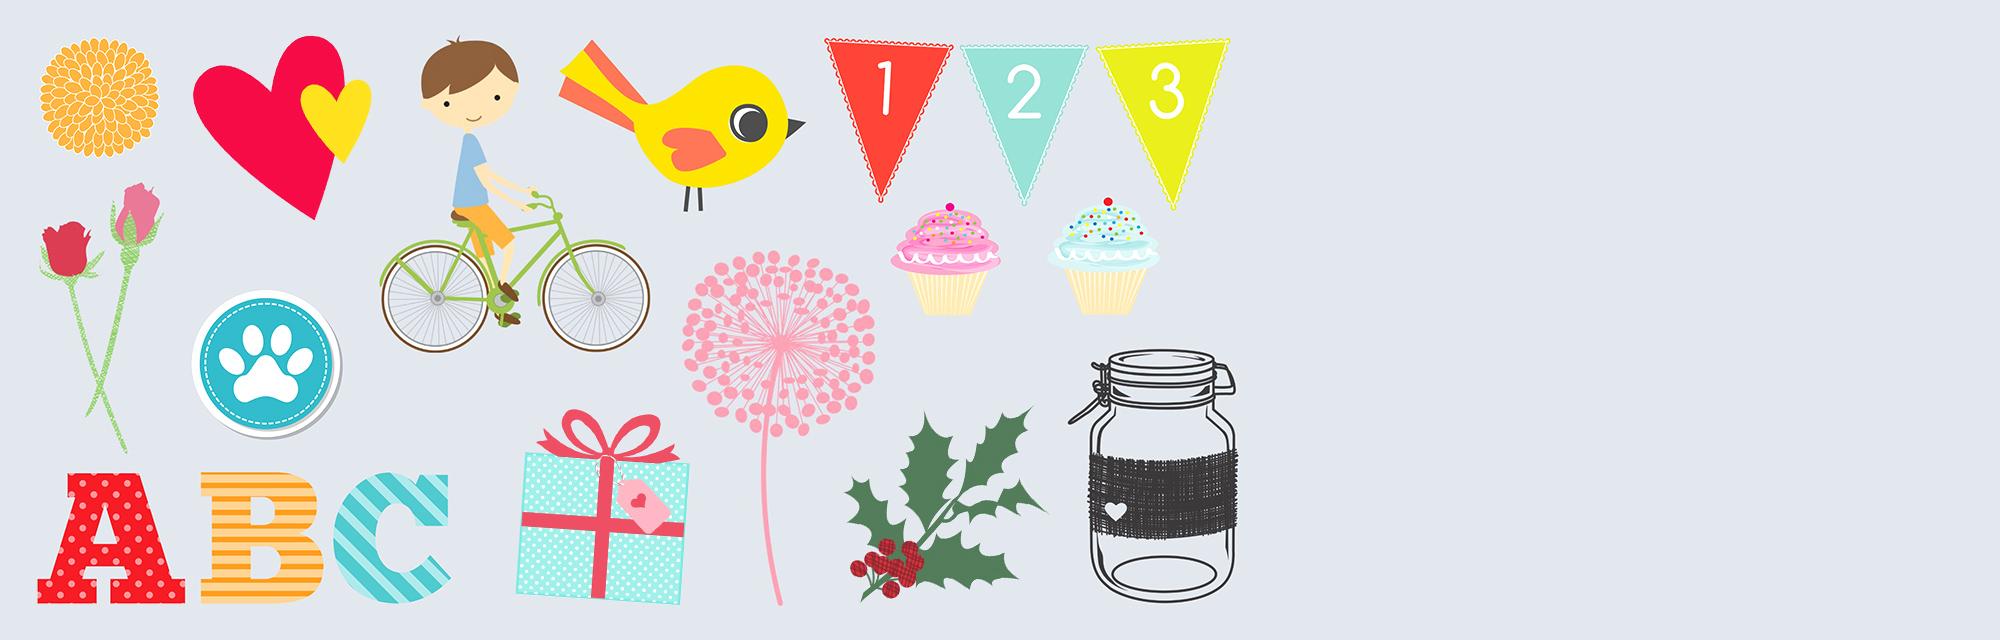 Utilizza gli elementi decorativi : Aggiungi un tocco raffinato, originale o spiritoso sulle pagine del tuo calendario! Ce ne sono più di 3000, scegli i tuoi preferiti!